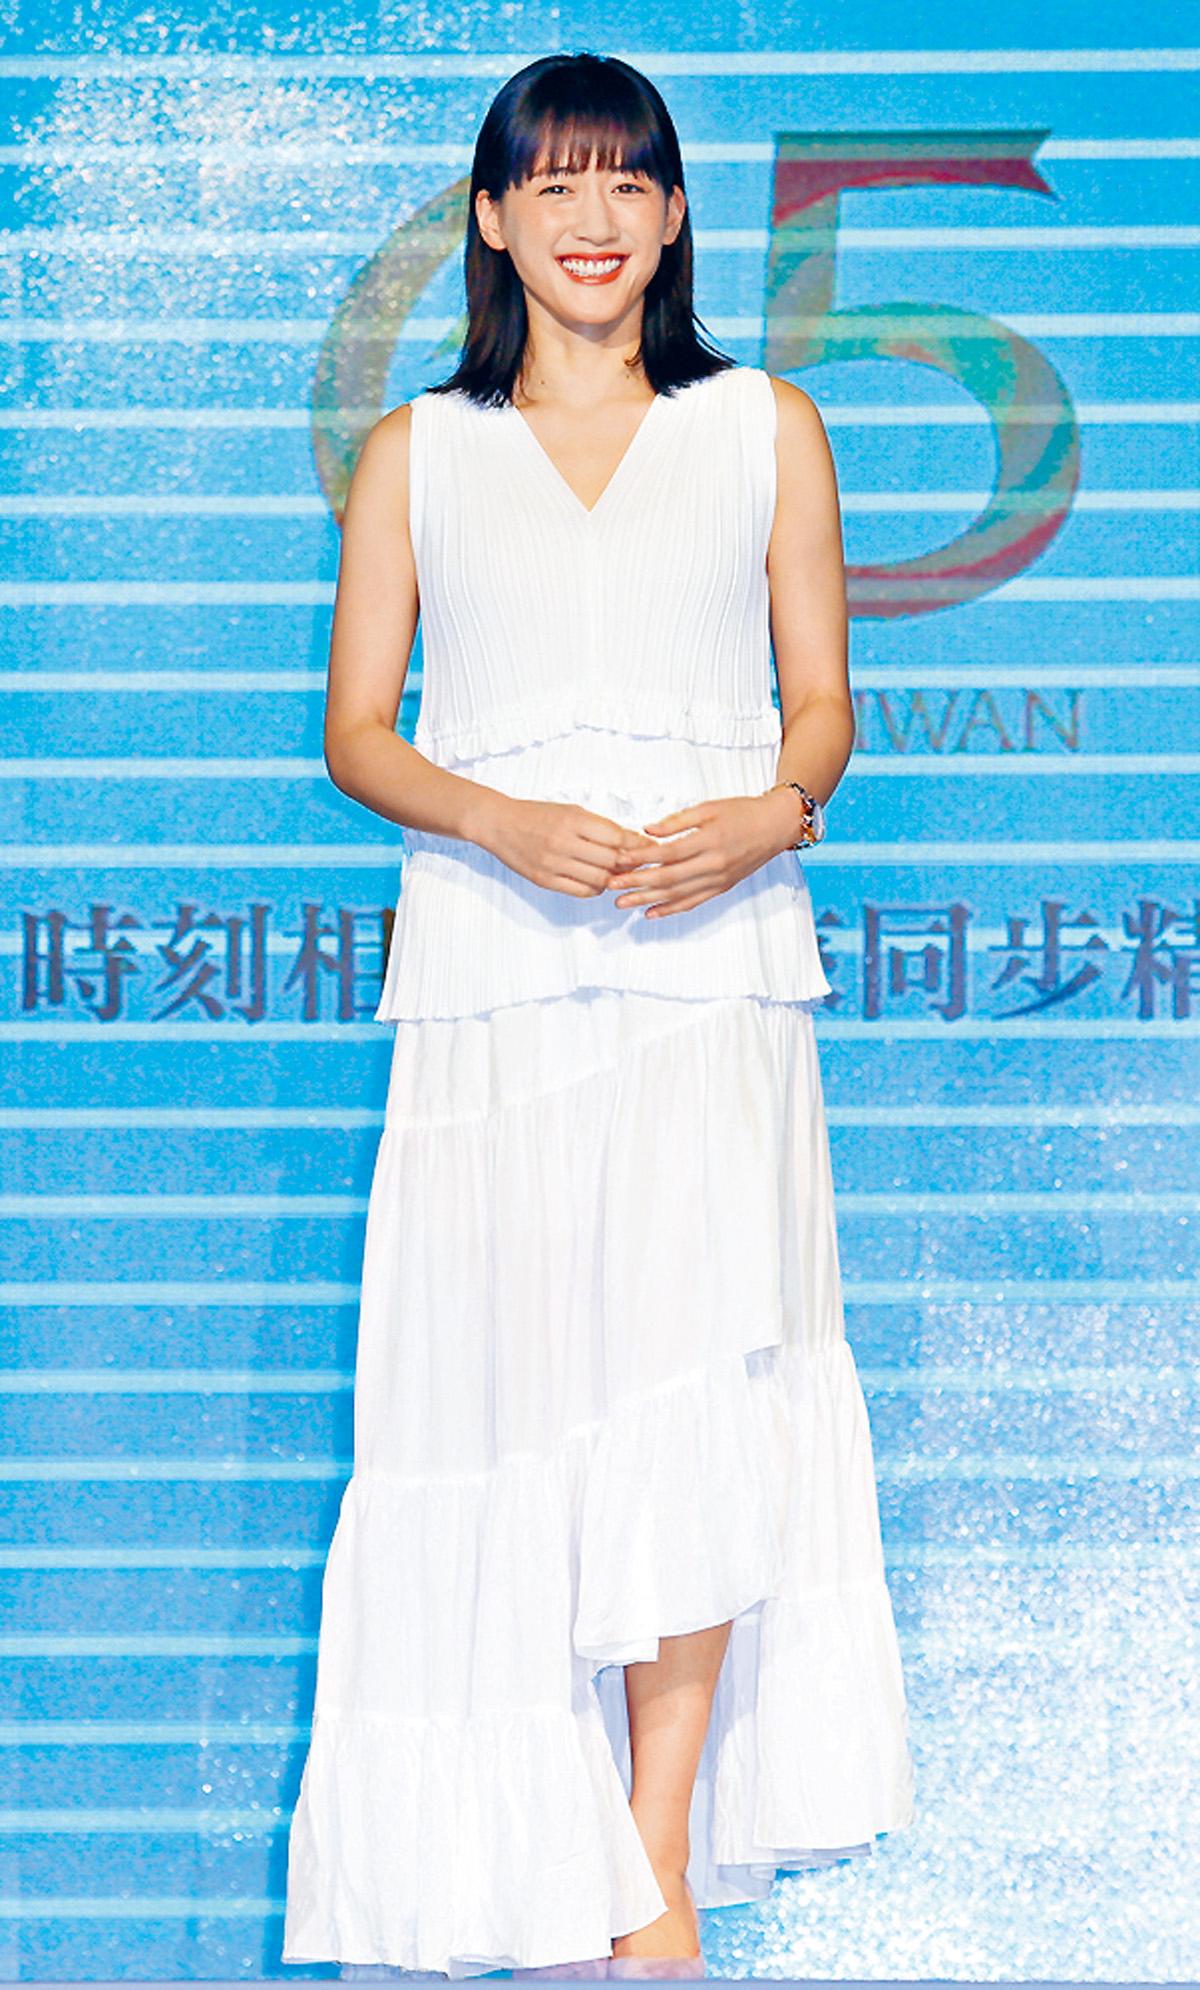 ■人氣高企的綾瀨遙成最喜愛女星。